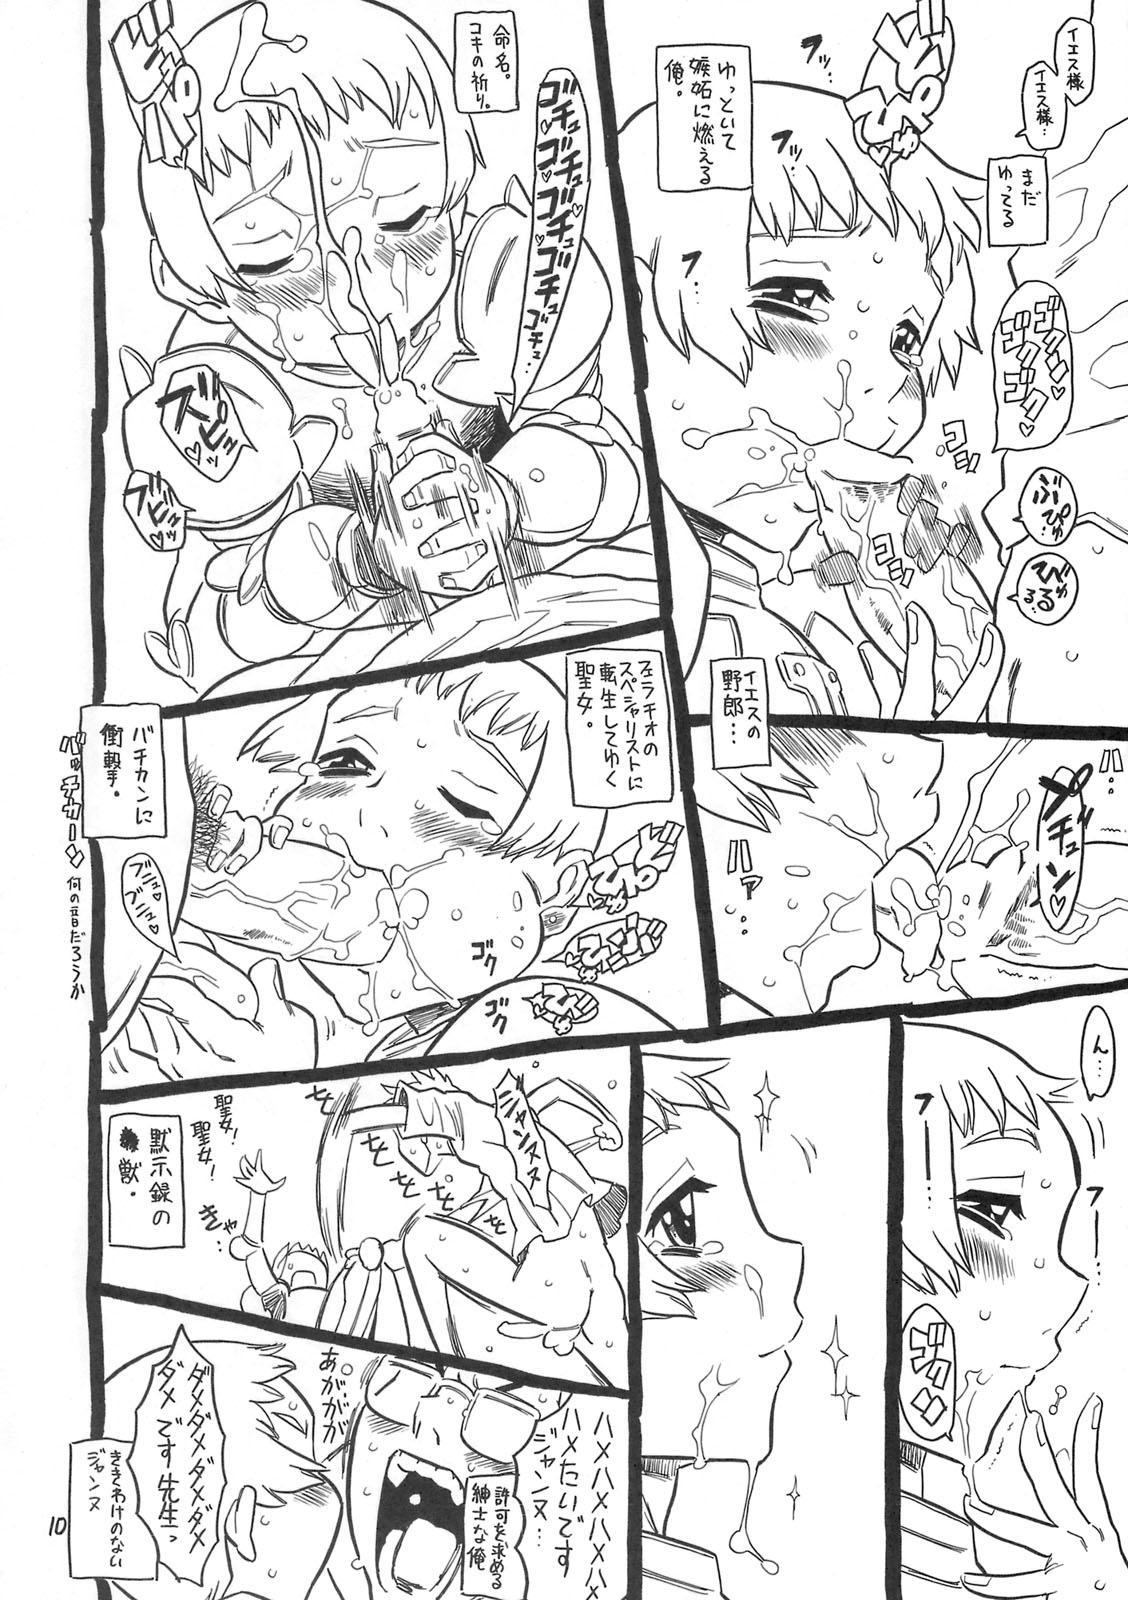 mayaonaka ni tengoku kara ero manga ke shibou no jannu-daruku ga yatteki te chiku 35 8